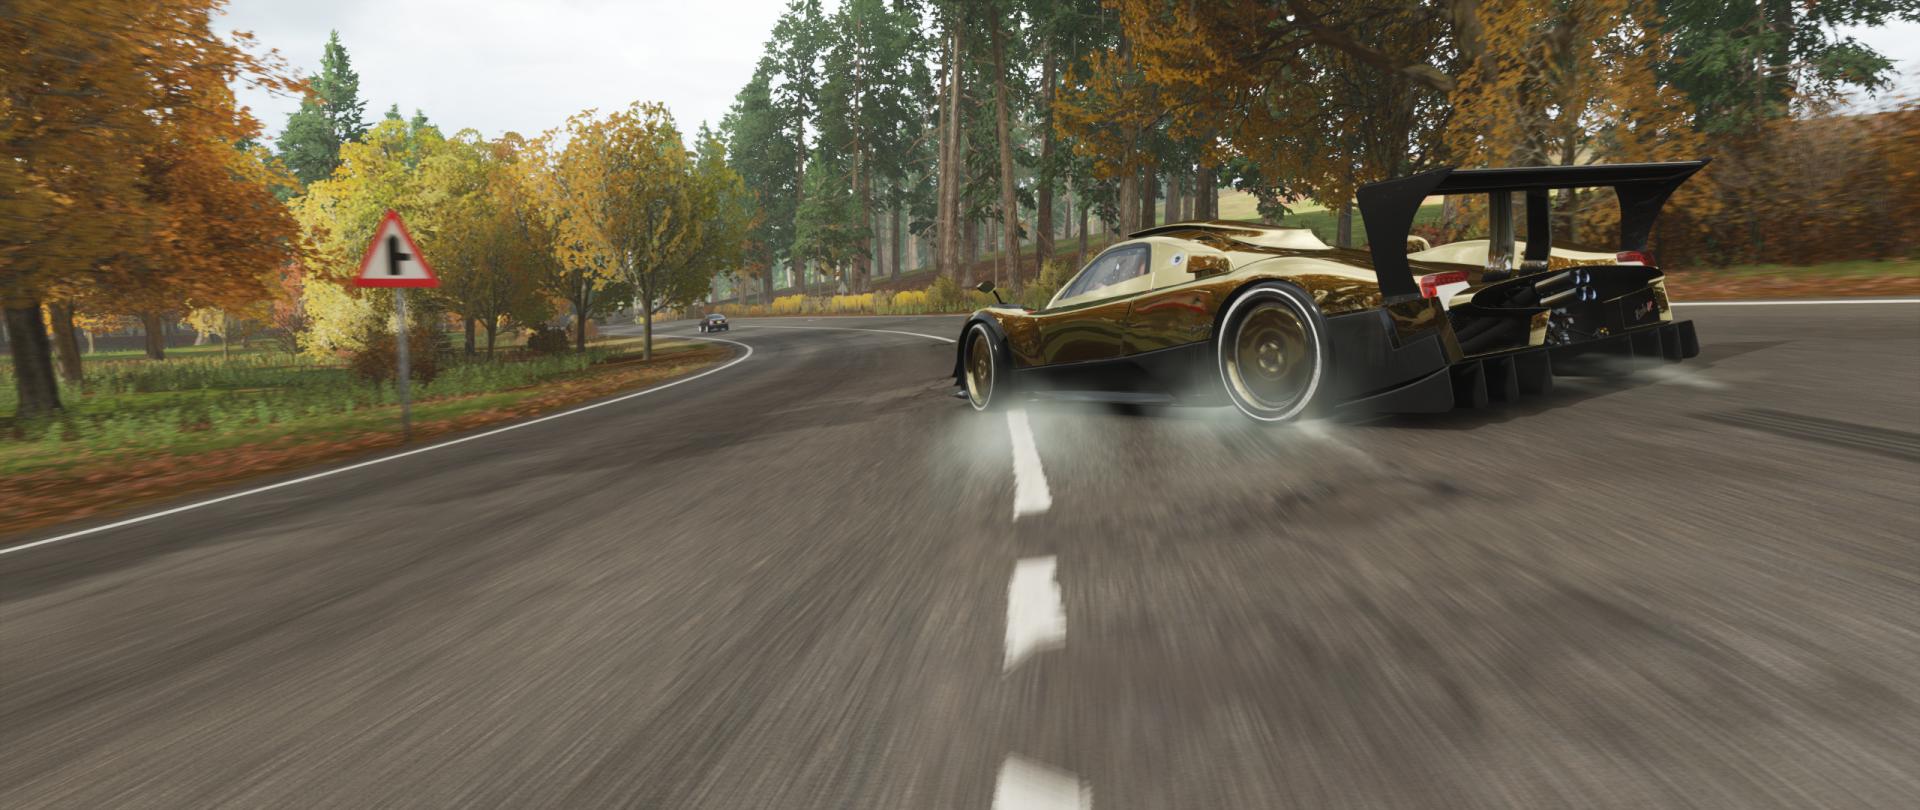 Forza Horizon 4 Screenshot 2018.09.23 - 16.14.38.57